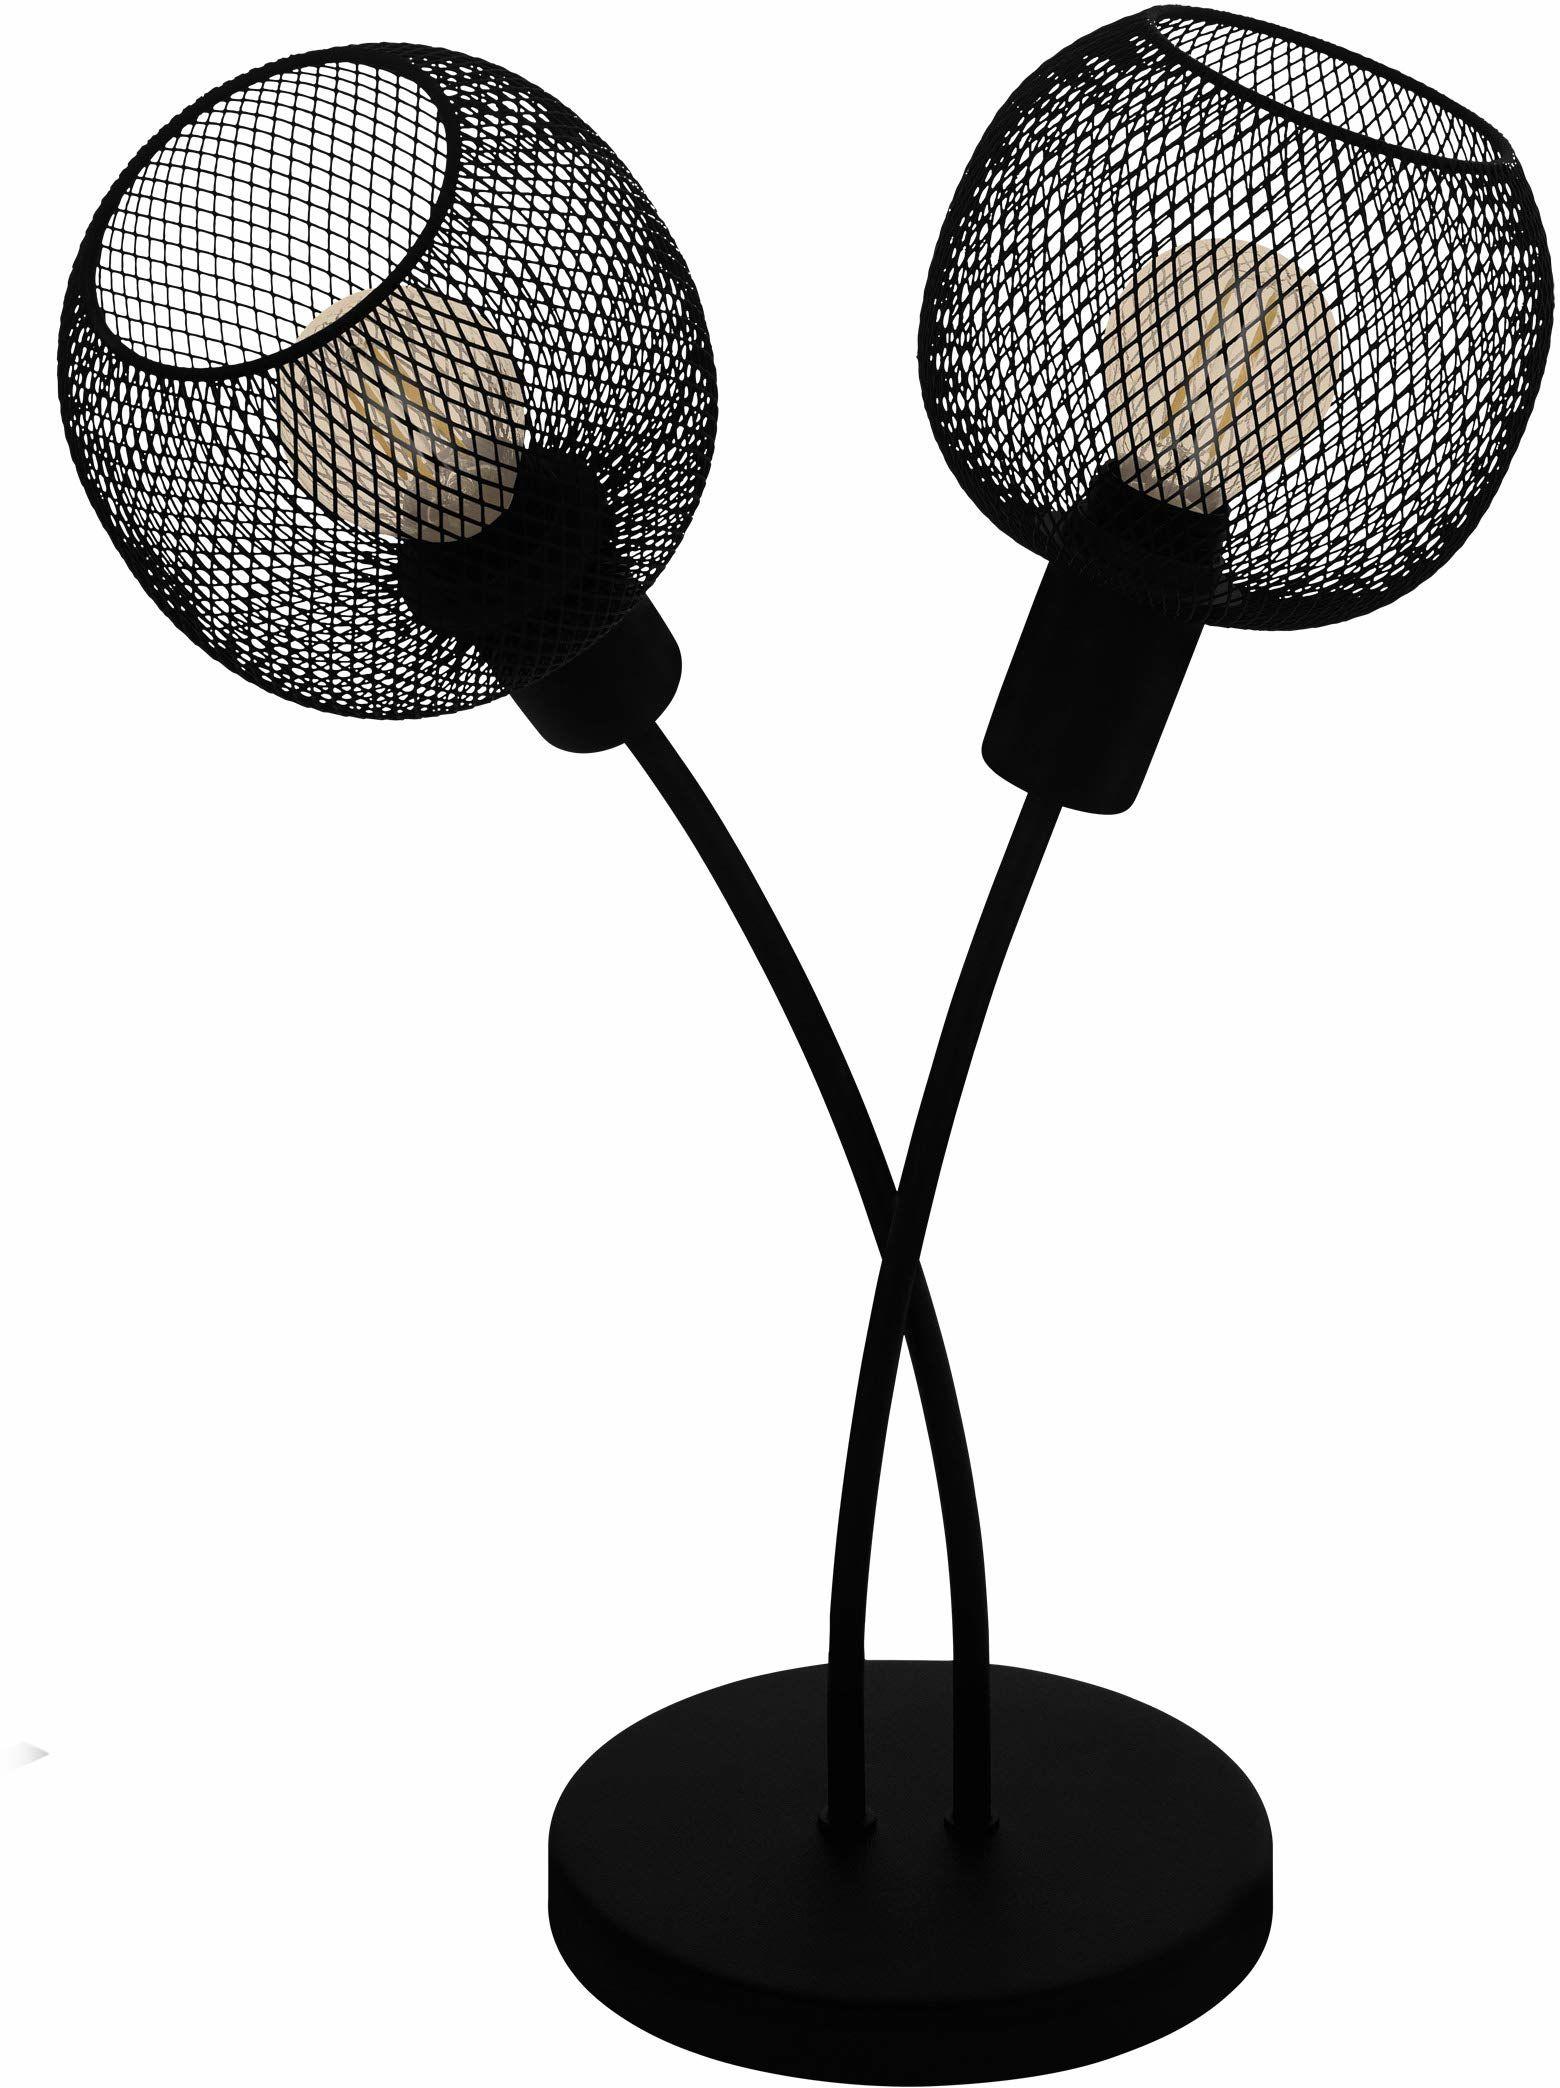 EGLO Lampa stołowa Wrington 1, 1-punktowa lampa stołowa w stylu vintage, industrialny, retro, lampa nocna ze stali, lampa do salonu w kolorze czarnym, lampa z przełącznikiem, oprawka E14